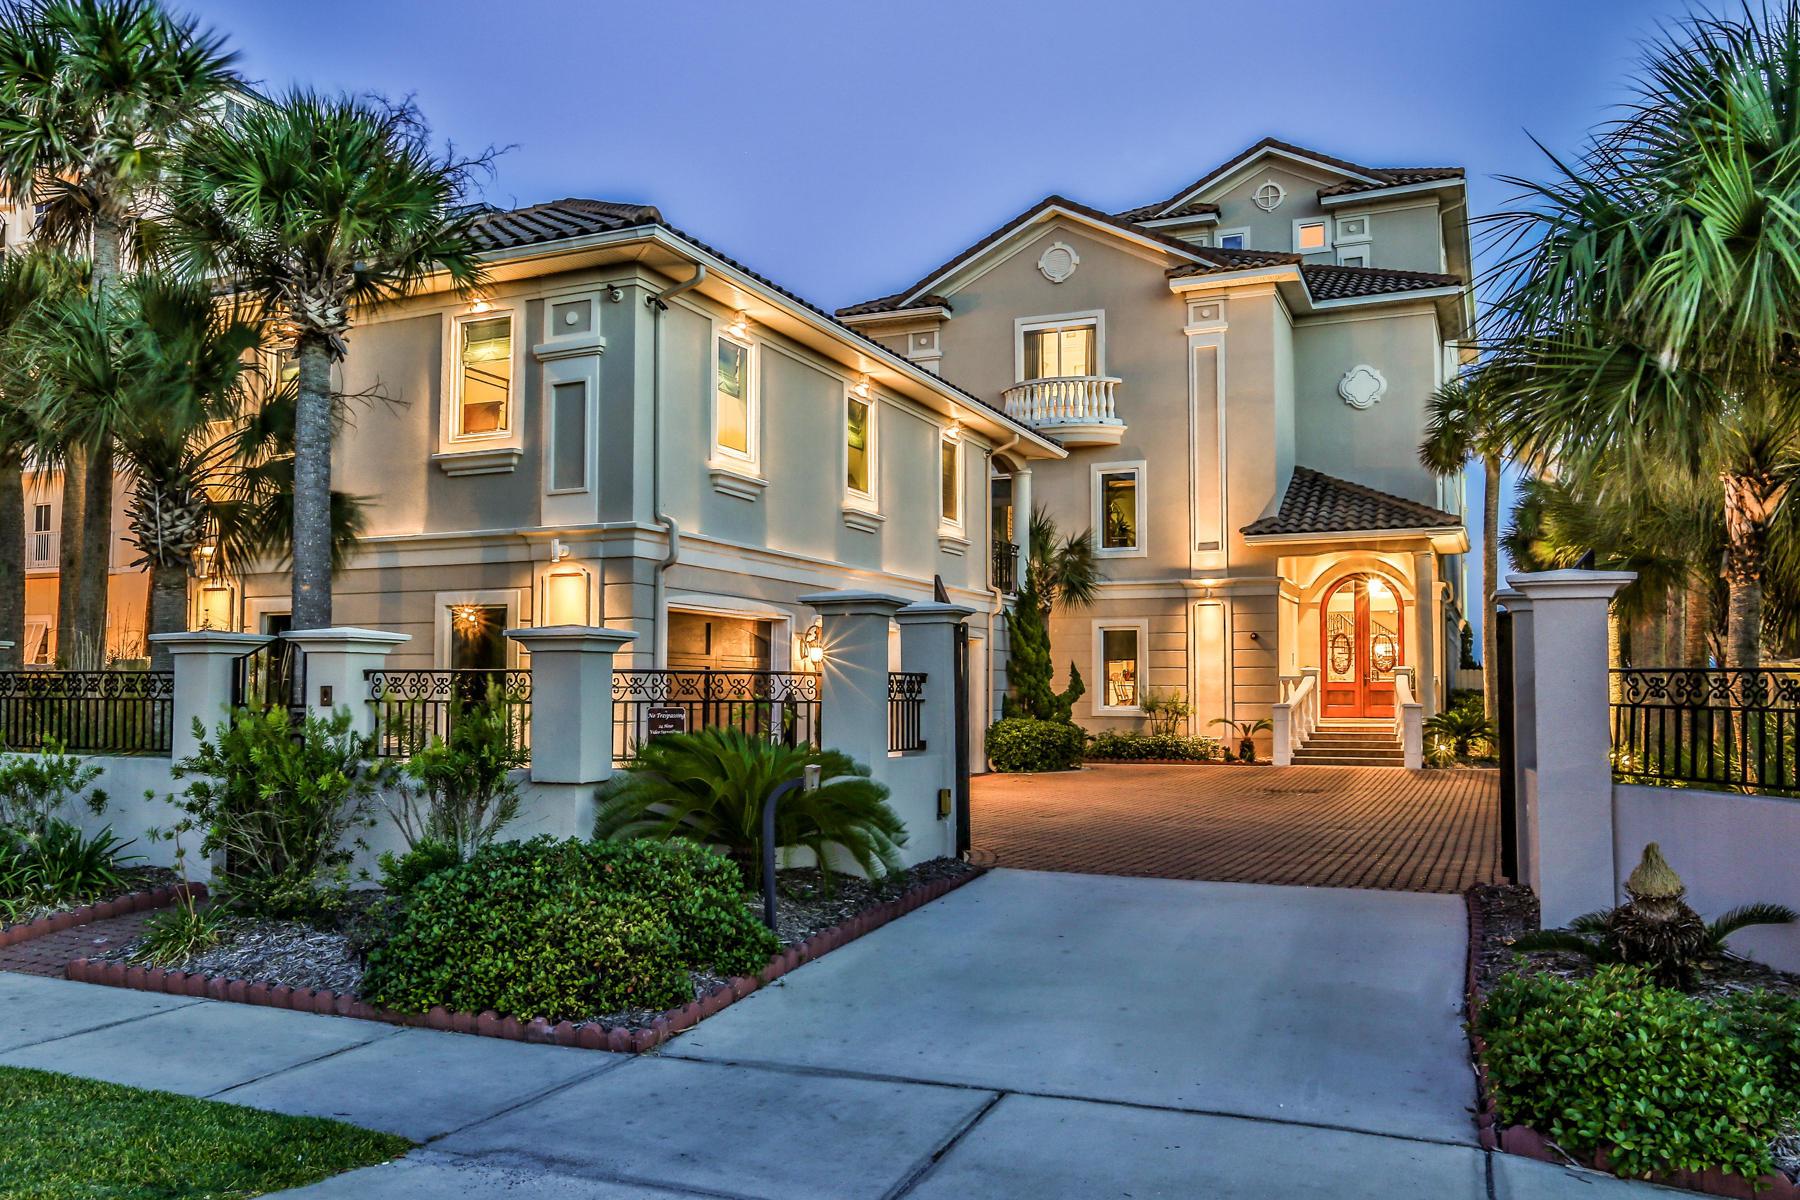 一戸建て のために 売買 アット A TRUE LIVING MASTERPIECE 2990 Scenic Hwy 98 Destin, フロリダ 32541 アメリカ合衆国